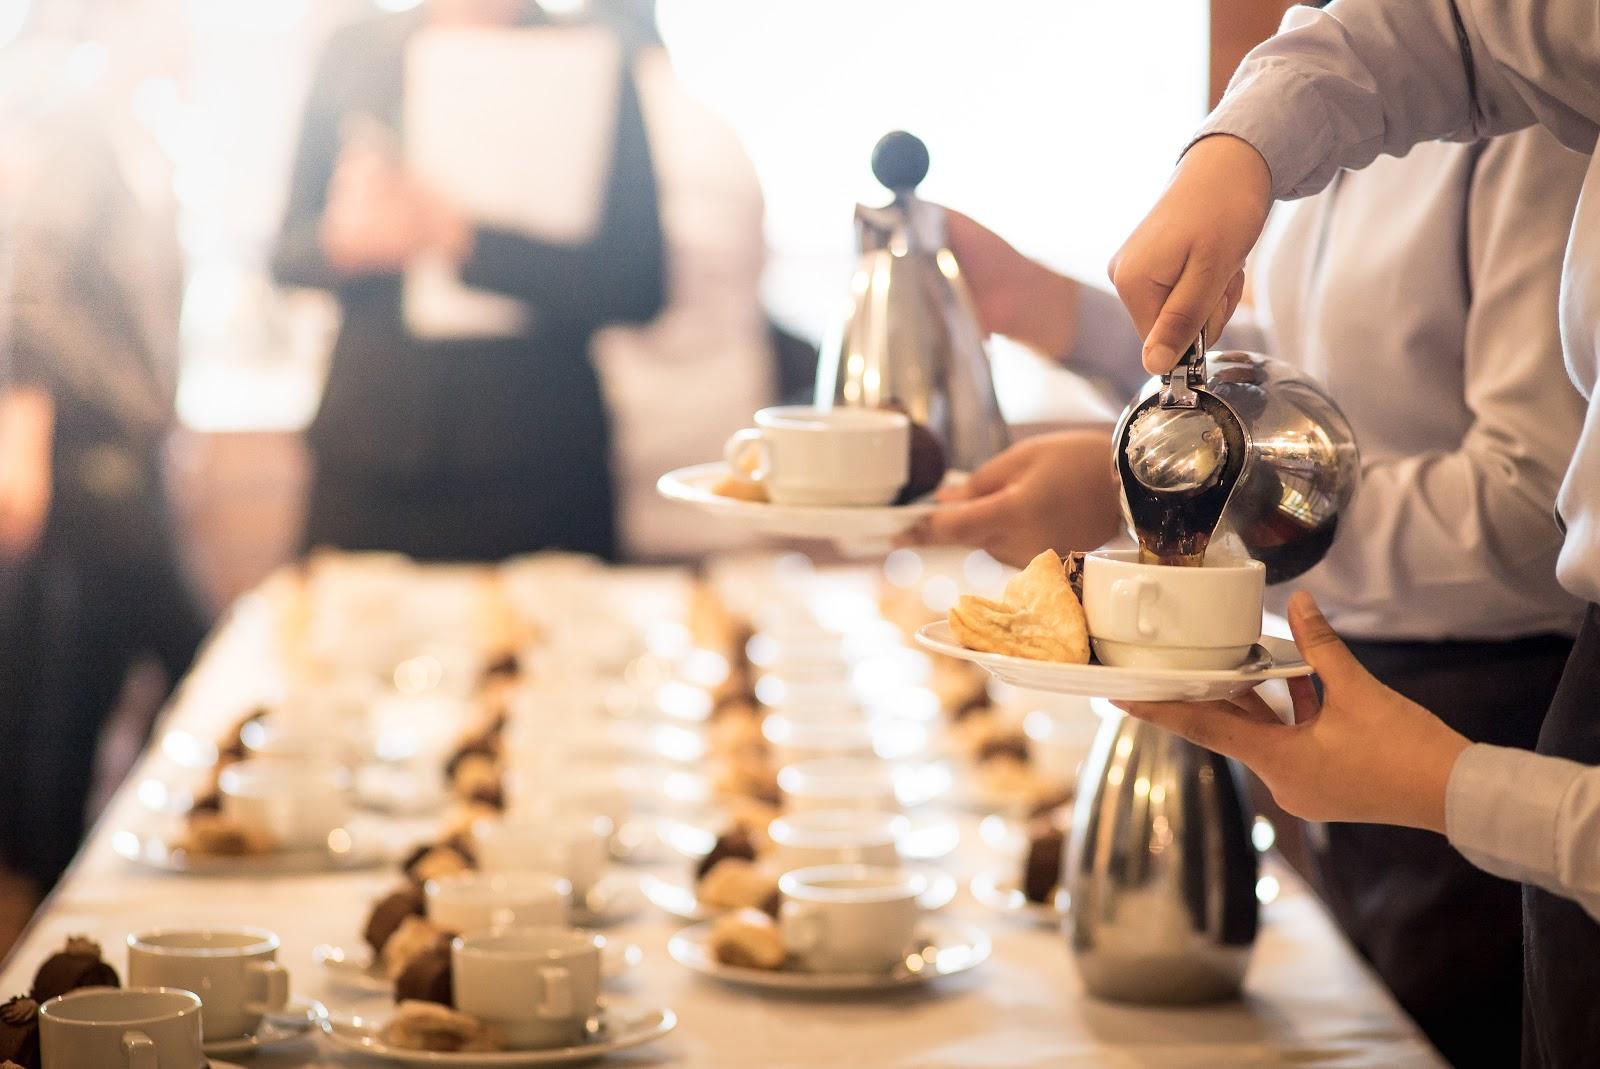 Pessoas servindo café e chá em um coffee break corporativo